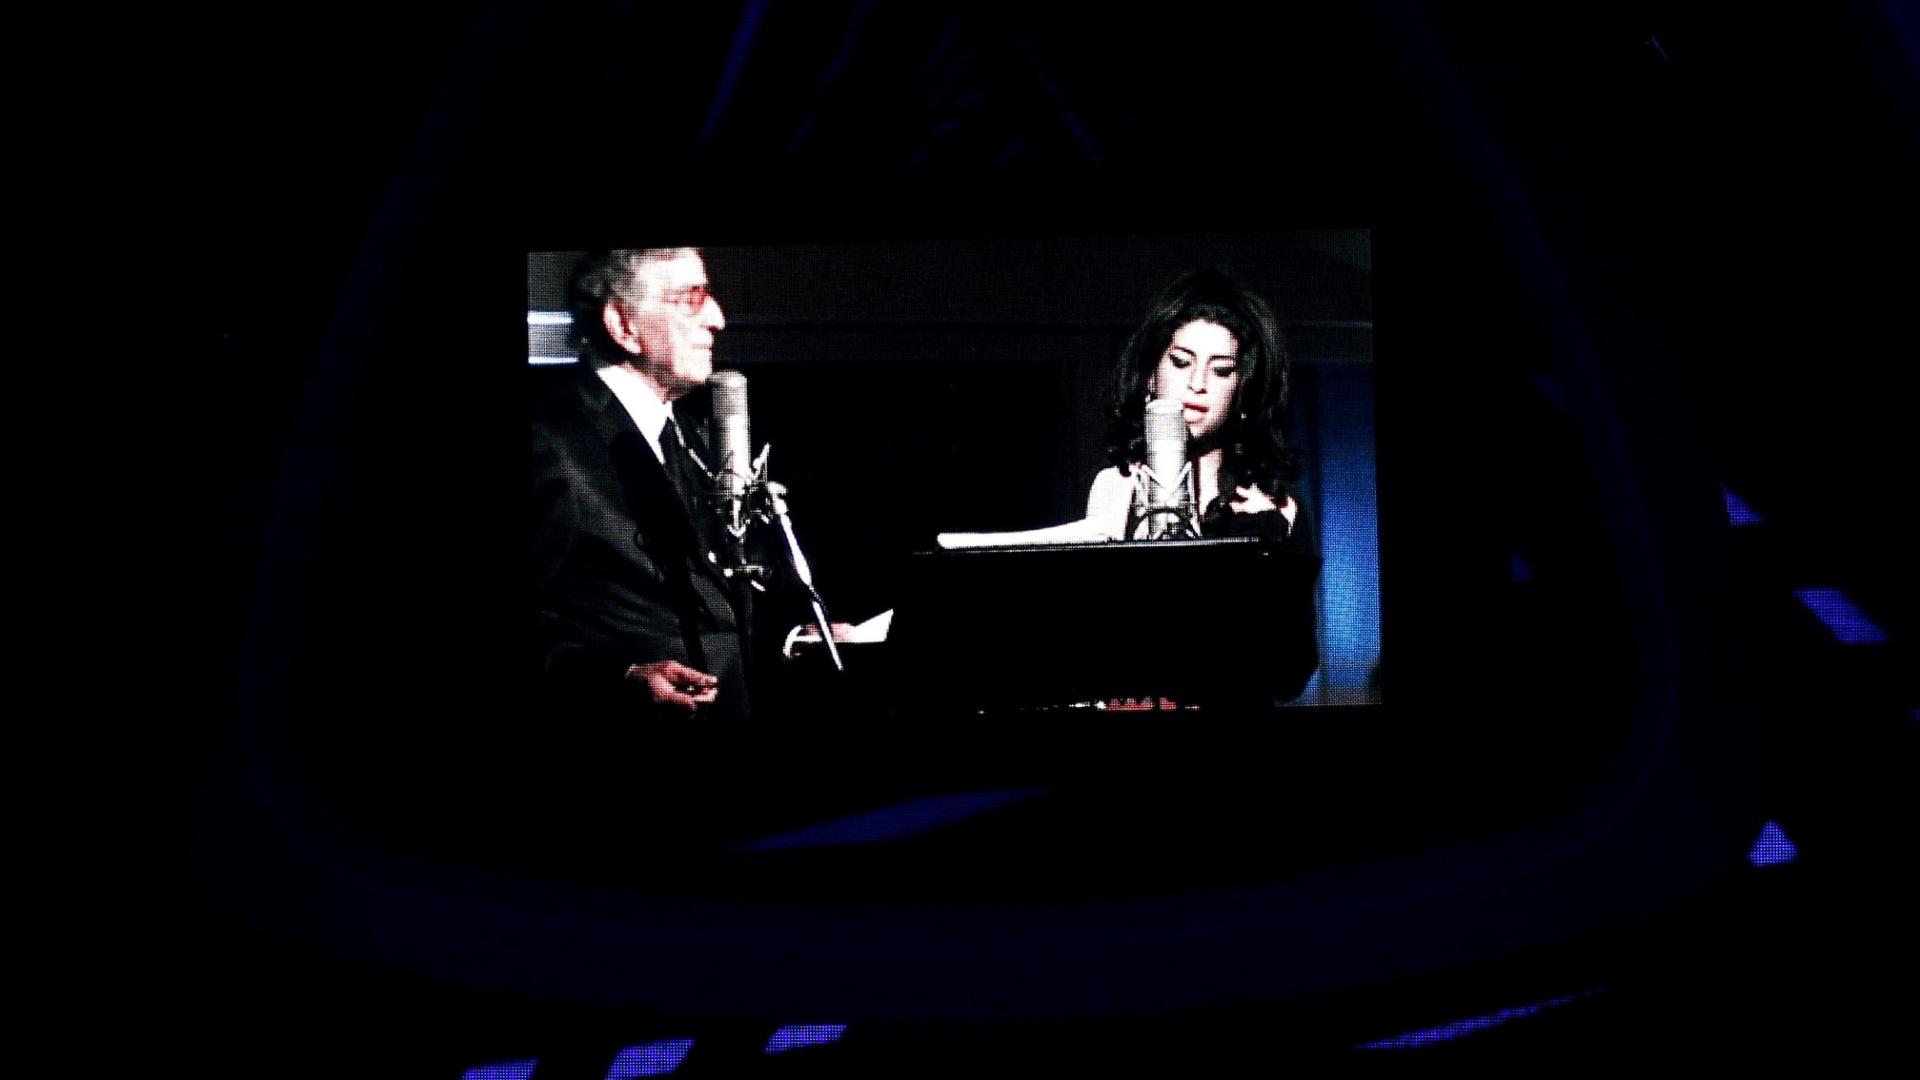 Tony Bennett canta com Amy Winehouse em vídeo exibido no telão do MTV Video Music Awards 2011 (29/08/2011)